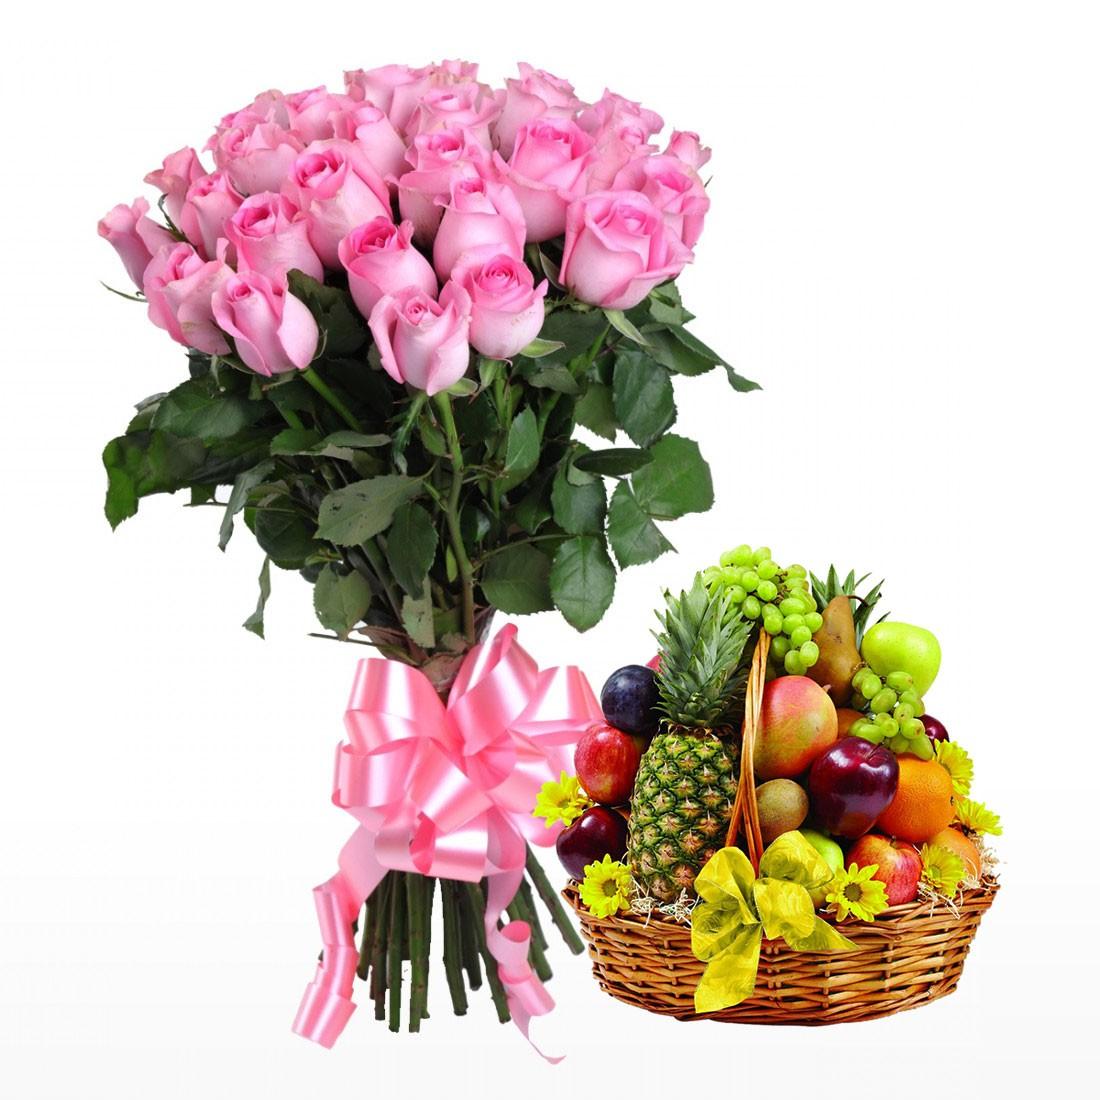 Buy online designer birthday cake shop in kolkata party cake delivery image image izmirmasajfo